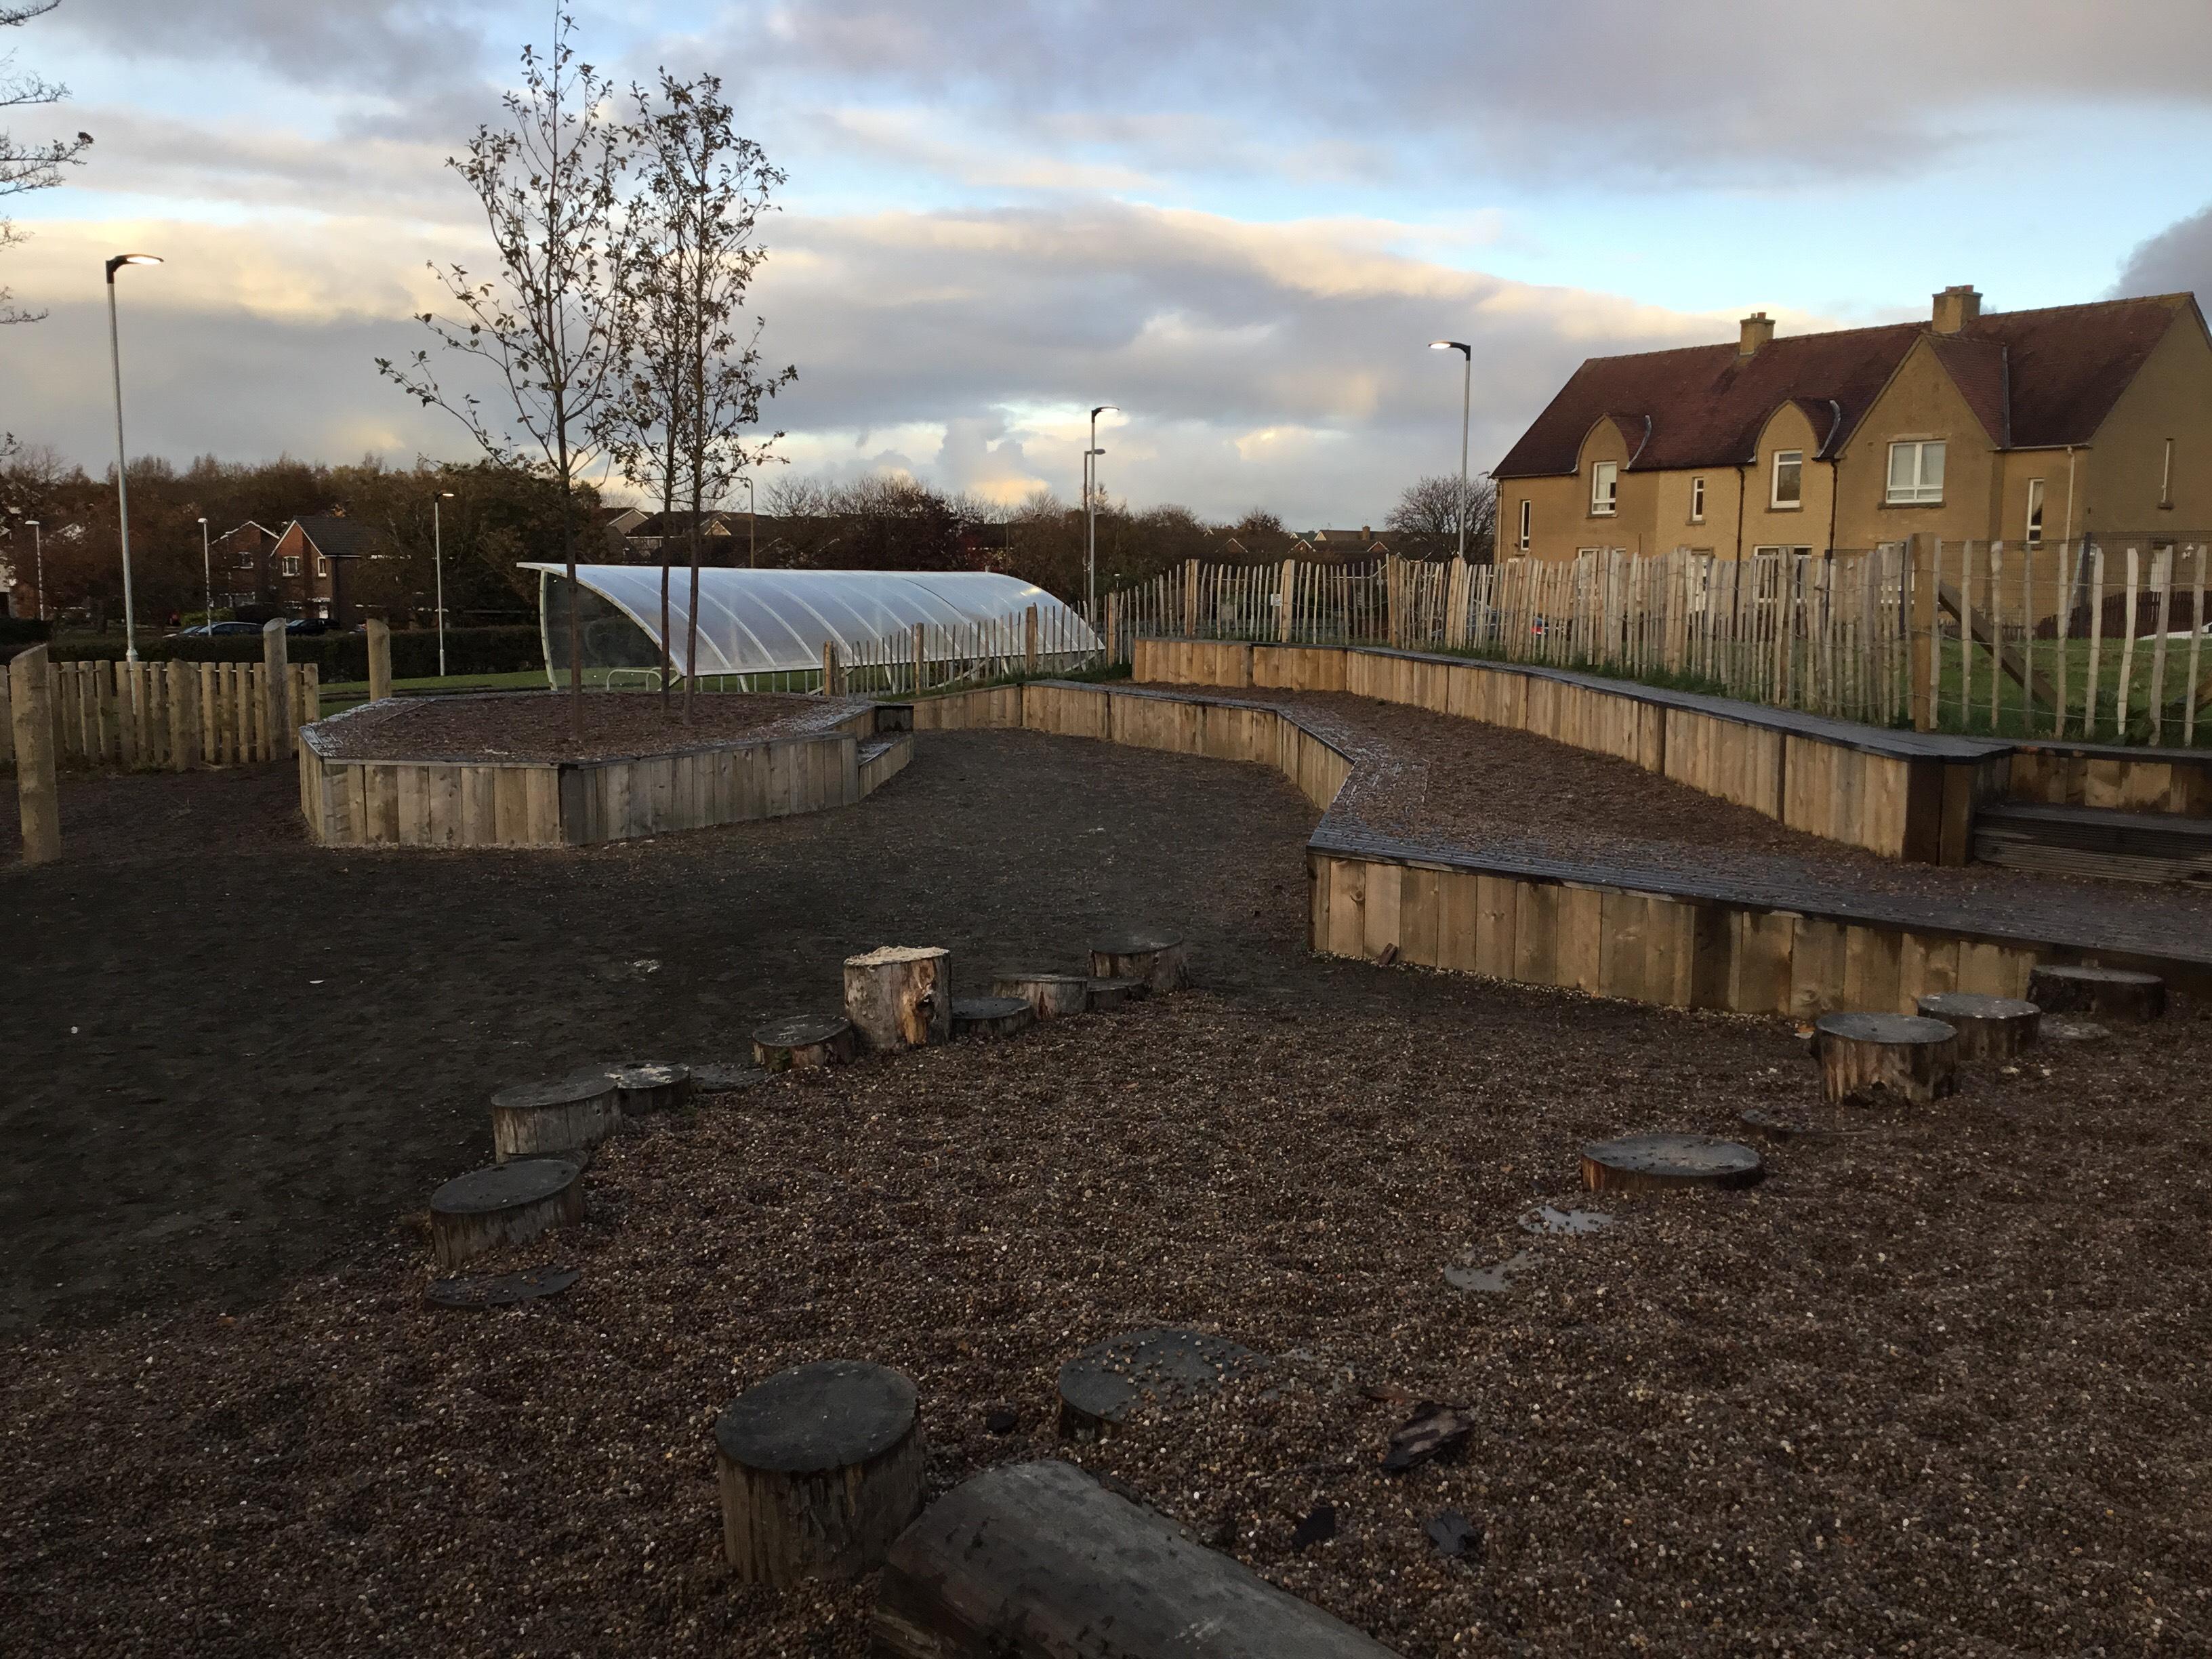 School Playground Kirkliston Primary School Kirkliston Nursery